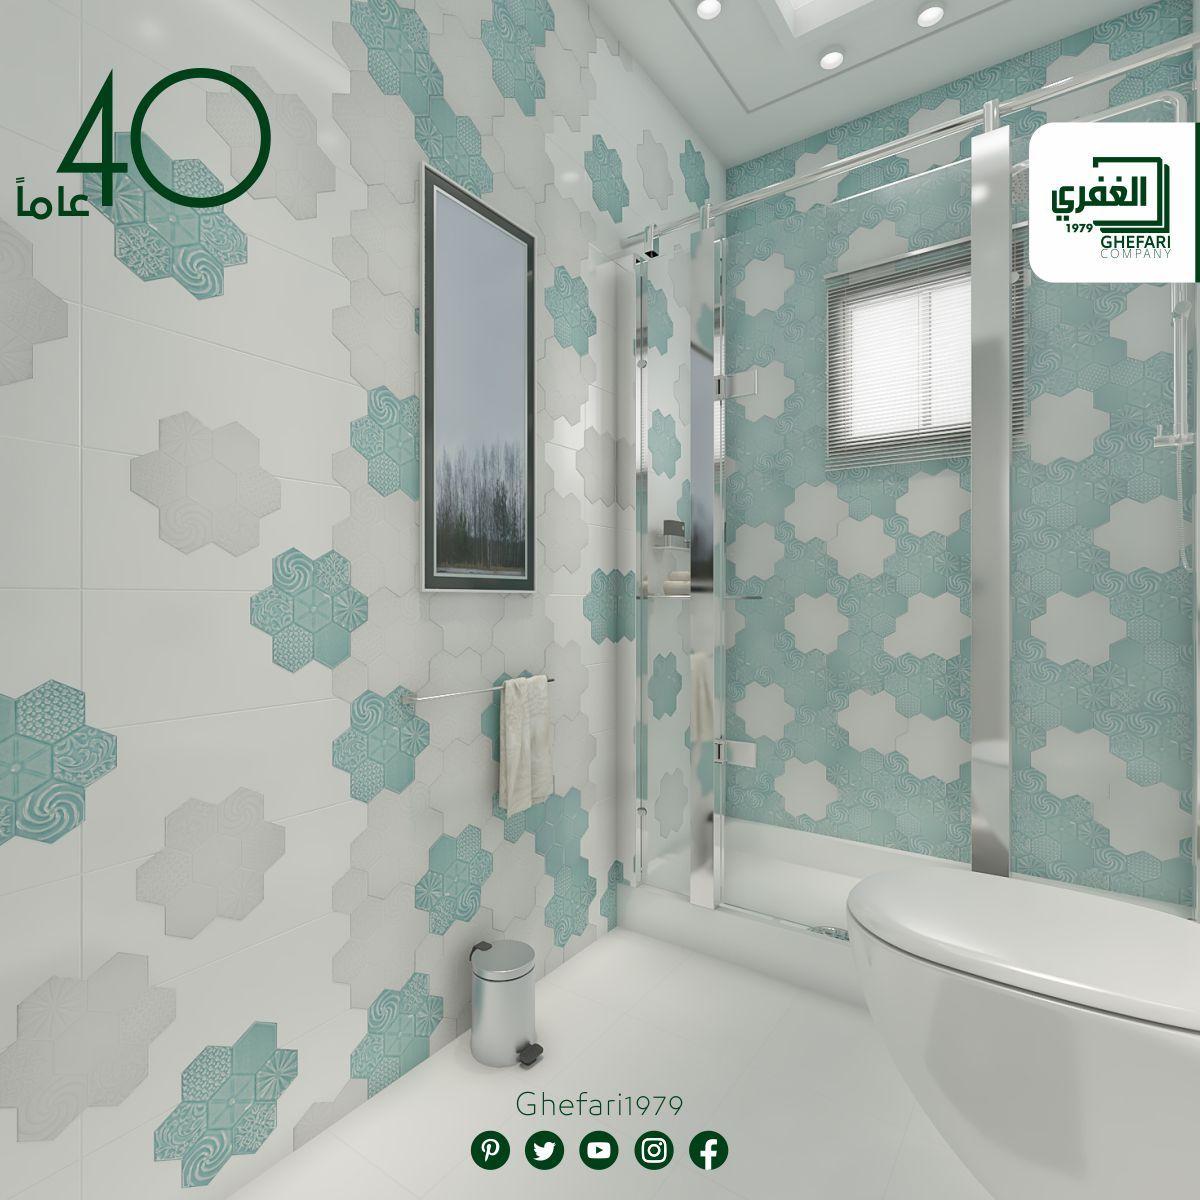 بورسلان حوائط حمامات مطبخ اسباني الصنع ديكور 24 8 23 8 للمزيد زورونا على موقع الشركة Www Ghefari Com الرقم المجاني 17 House Painting New Homes Flooring